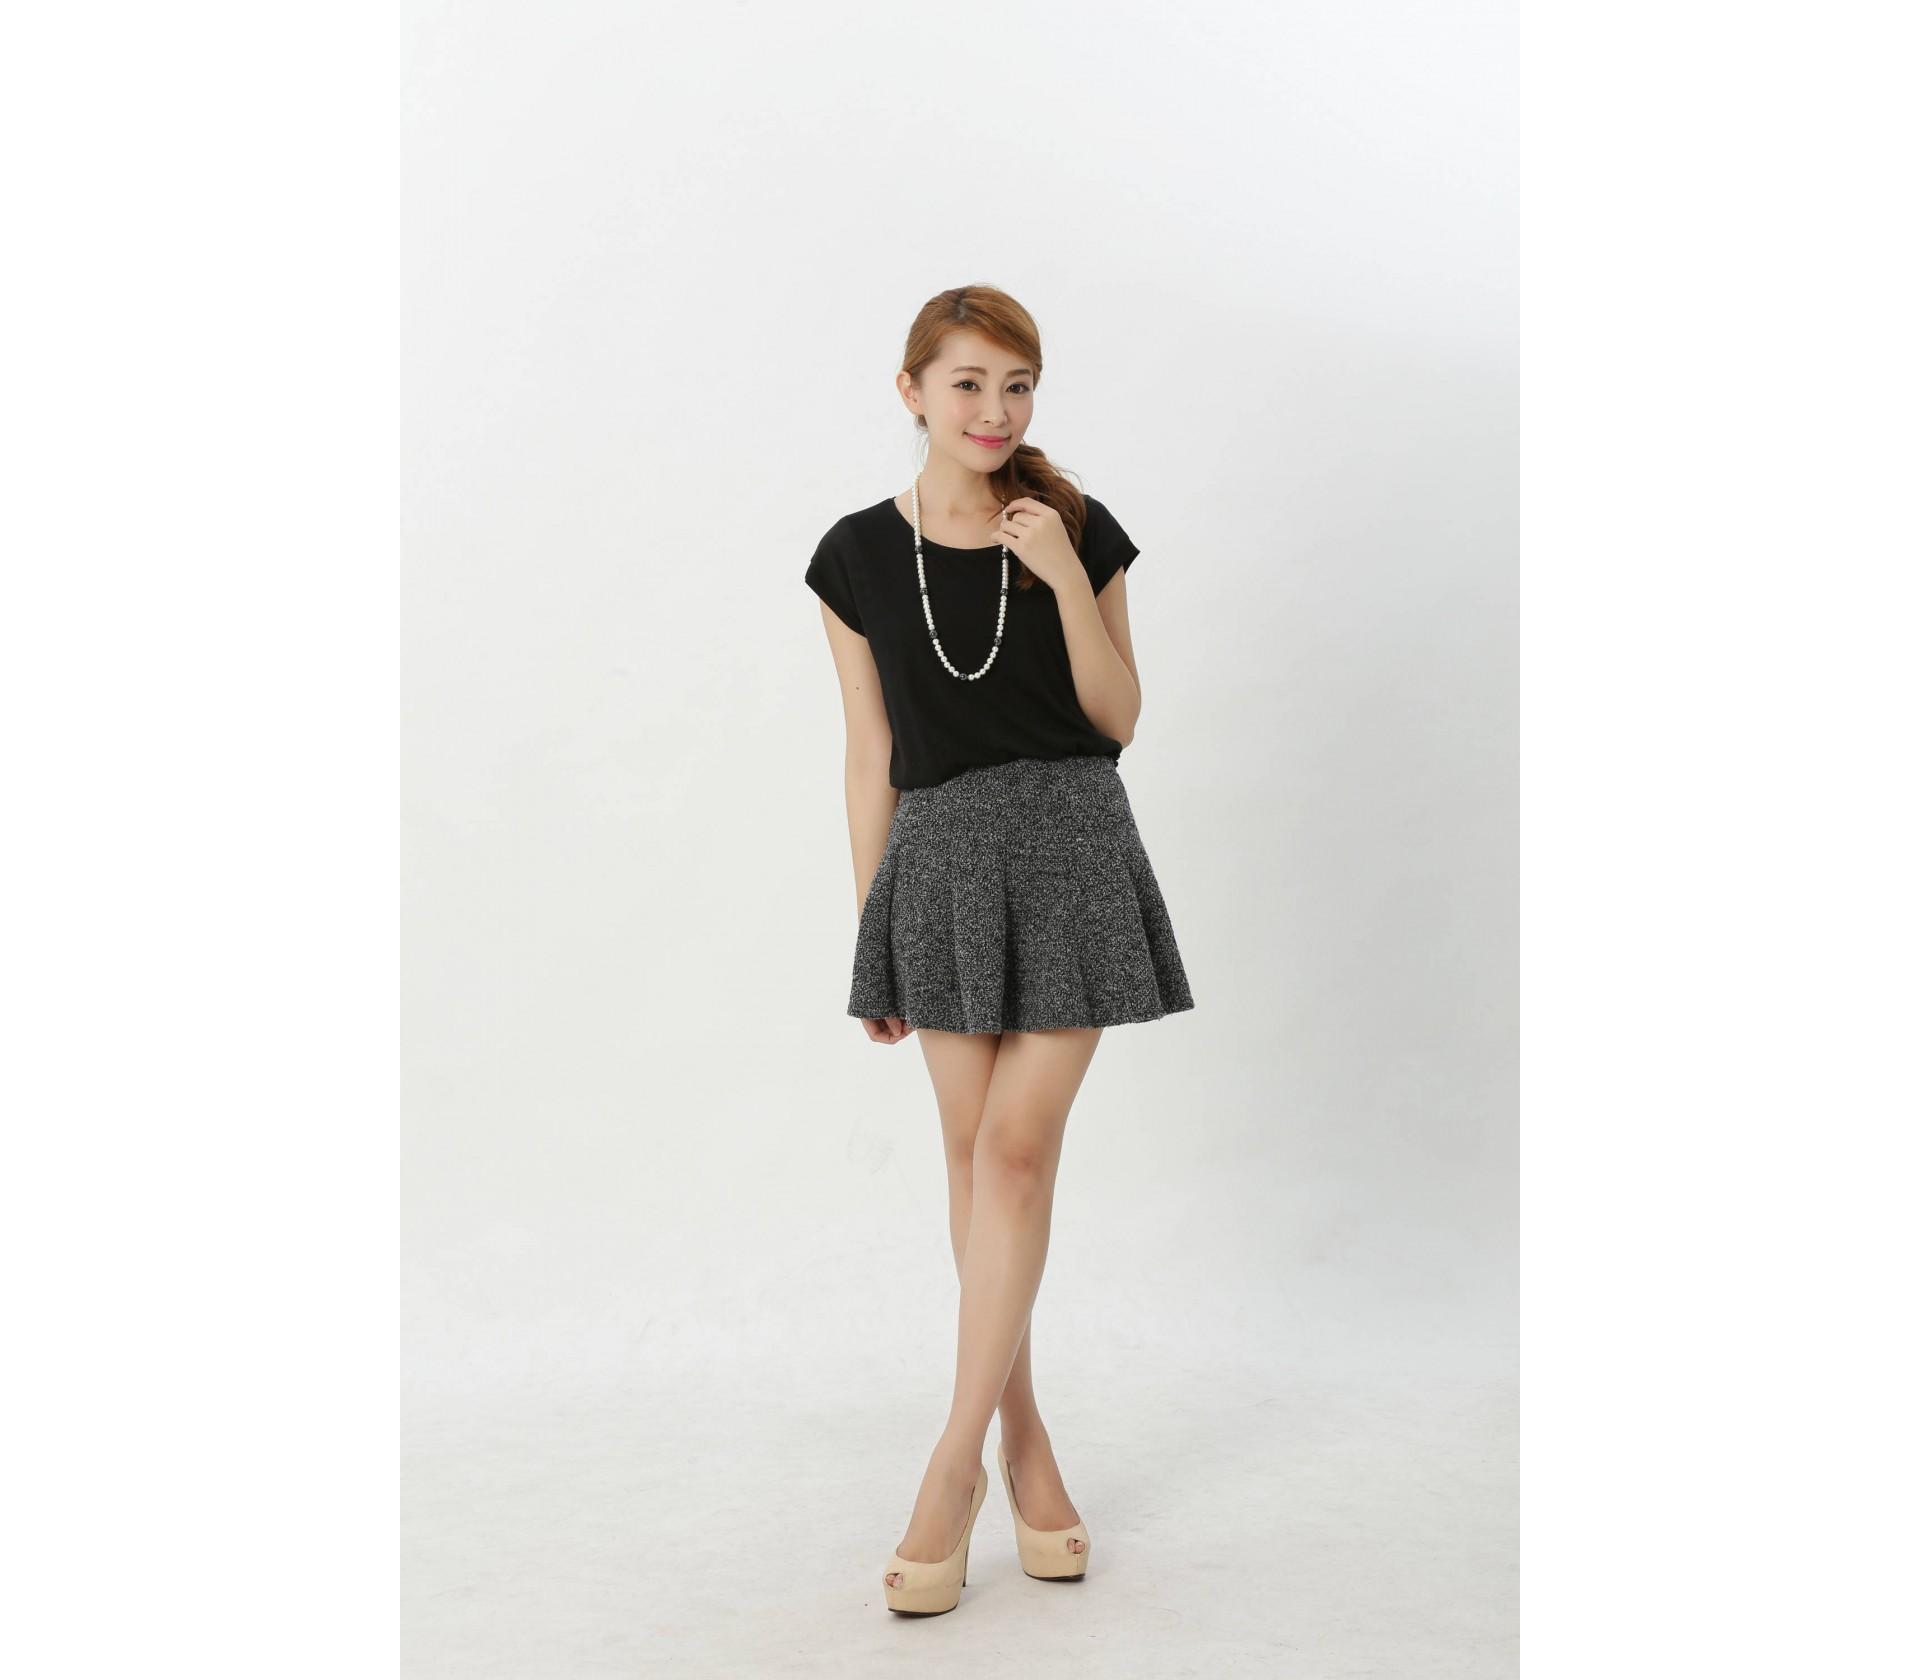 闕蘭絹精緻典雅100%蠶絲拼接雪紡上衣-916(黑)